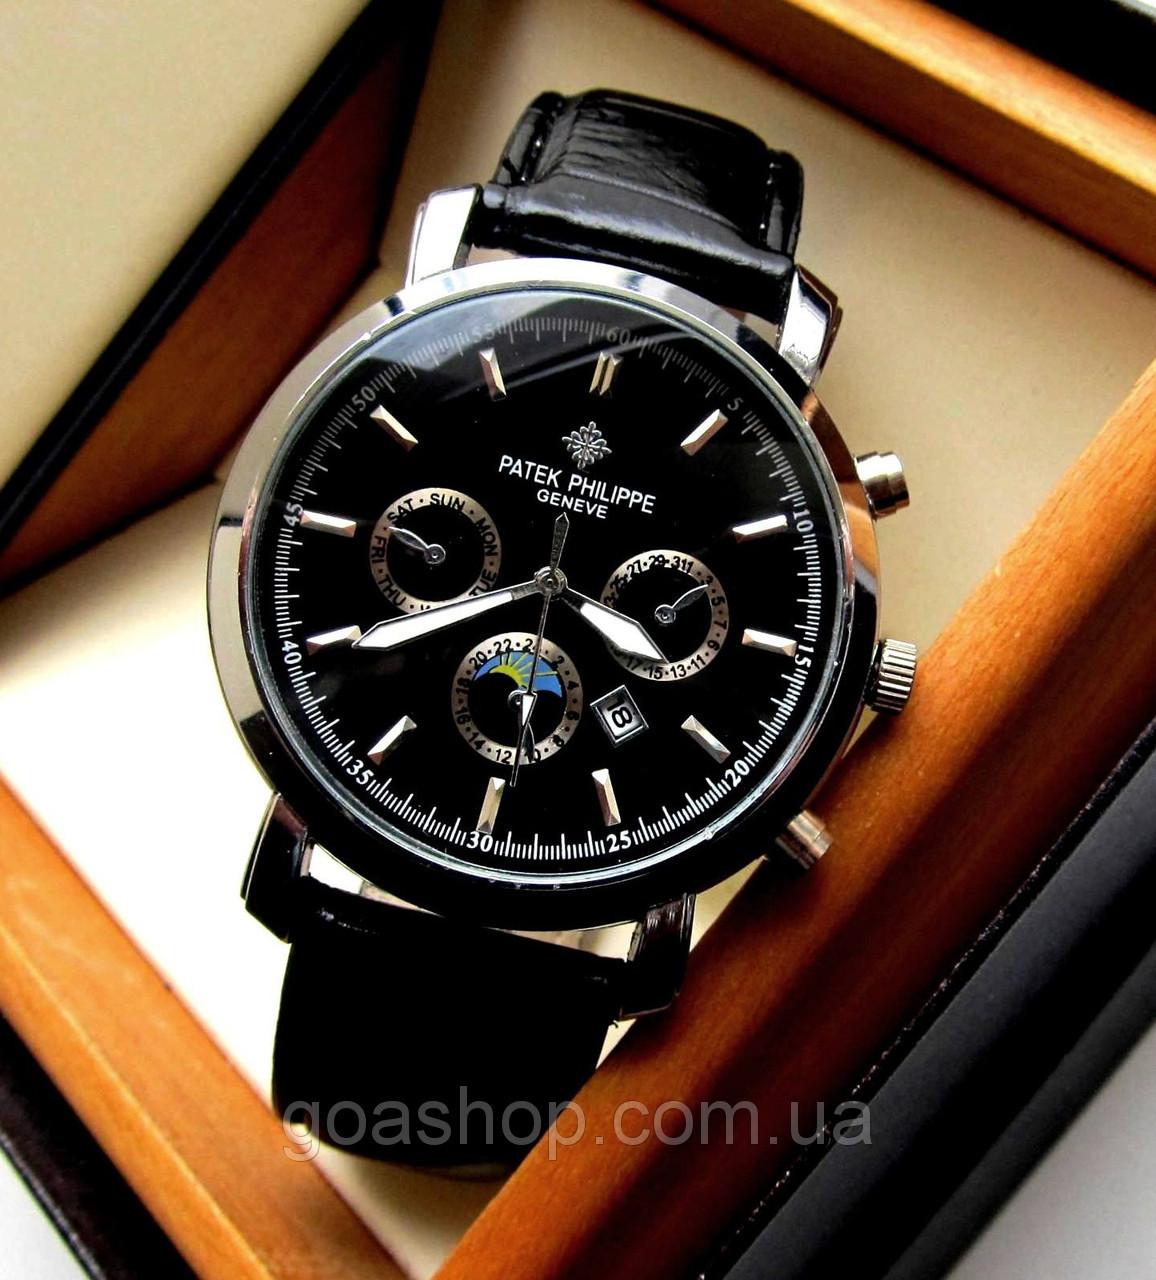 Часы патек филип купить реплику командирские часы купить владивосток